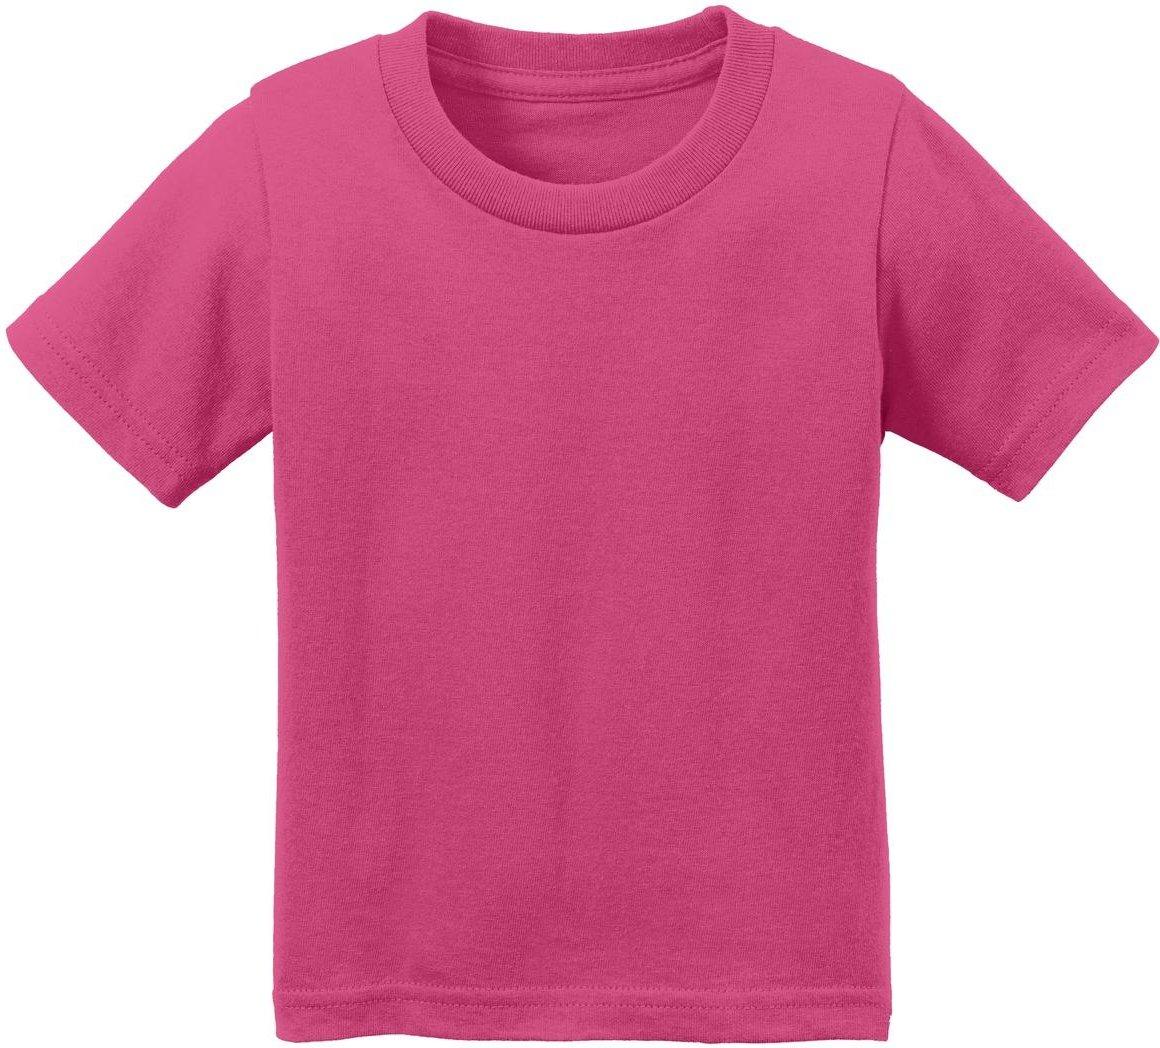 Precious Cargo CAR54I Infant Cotton T-Shirt